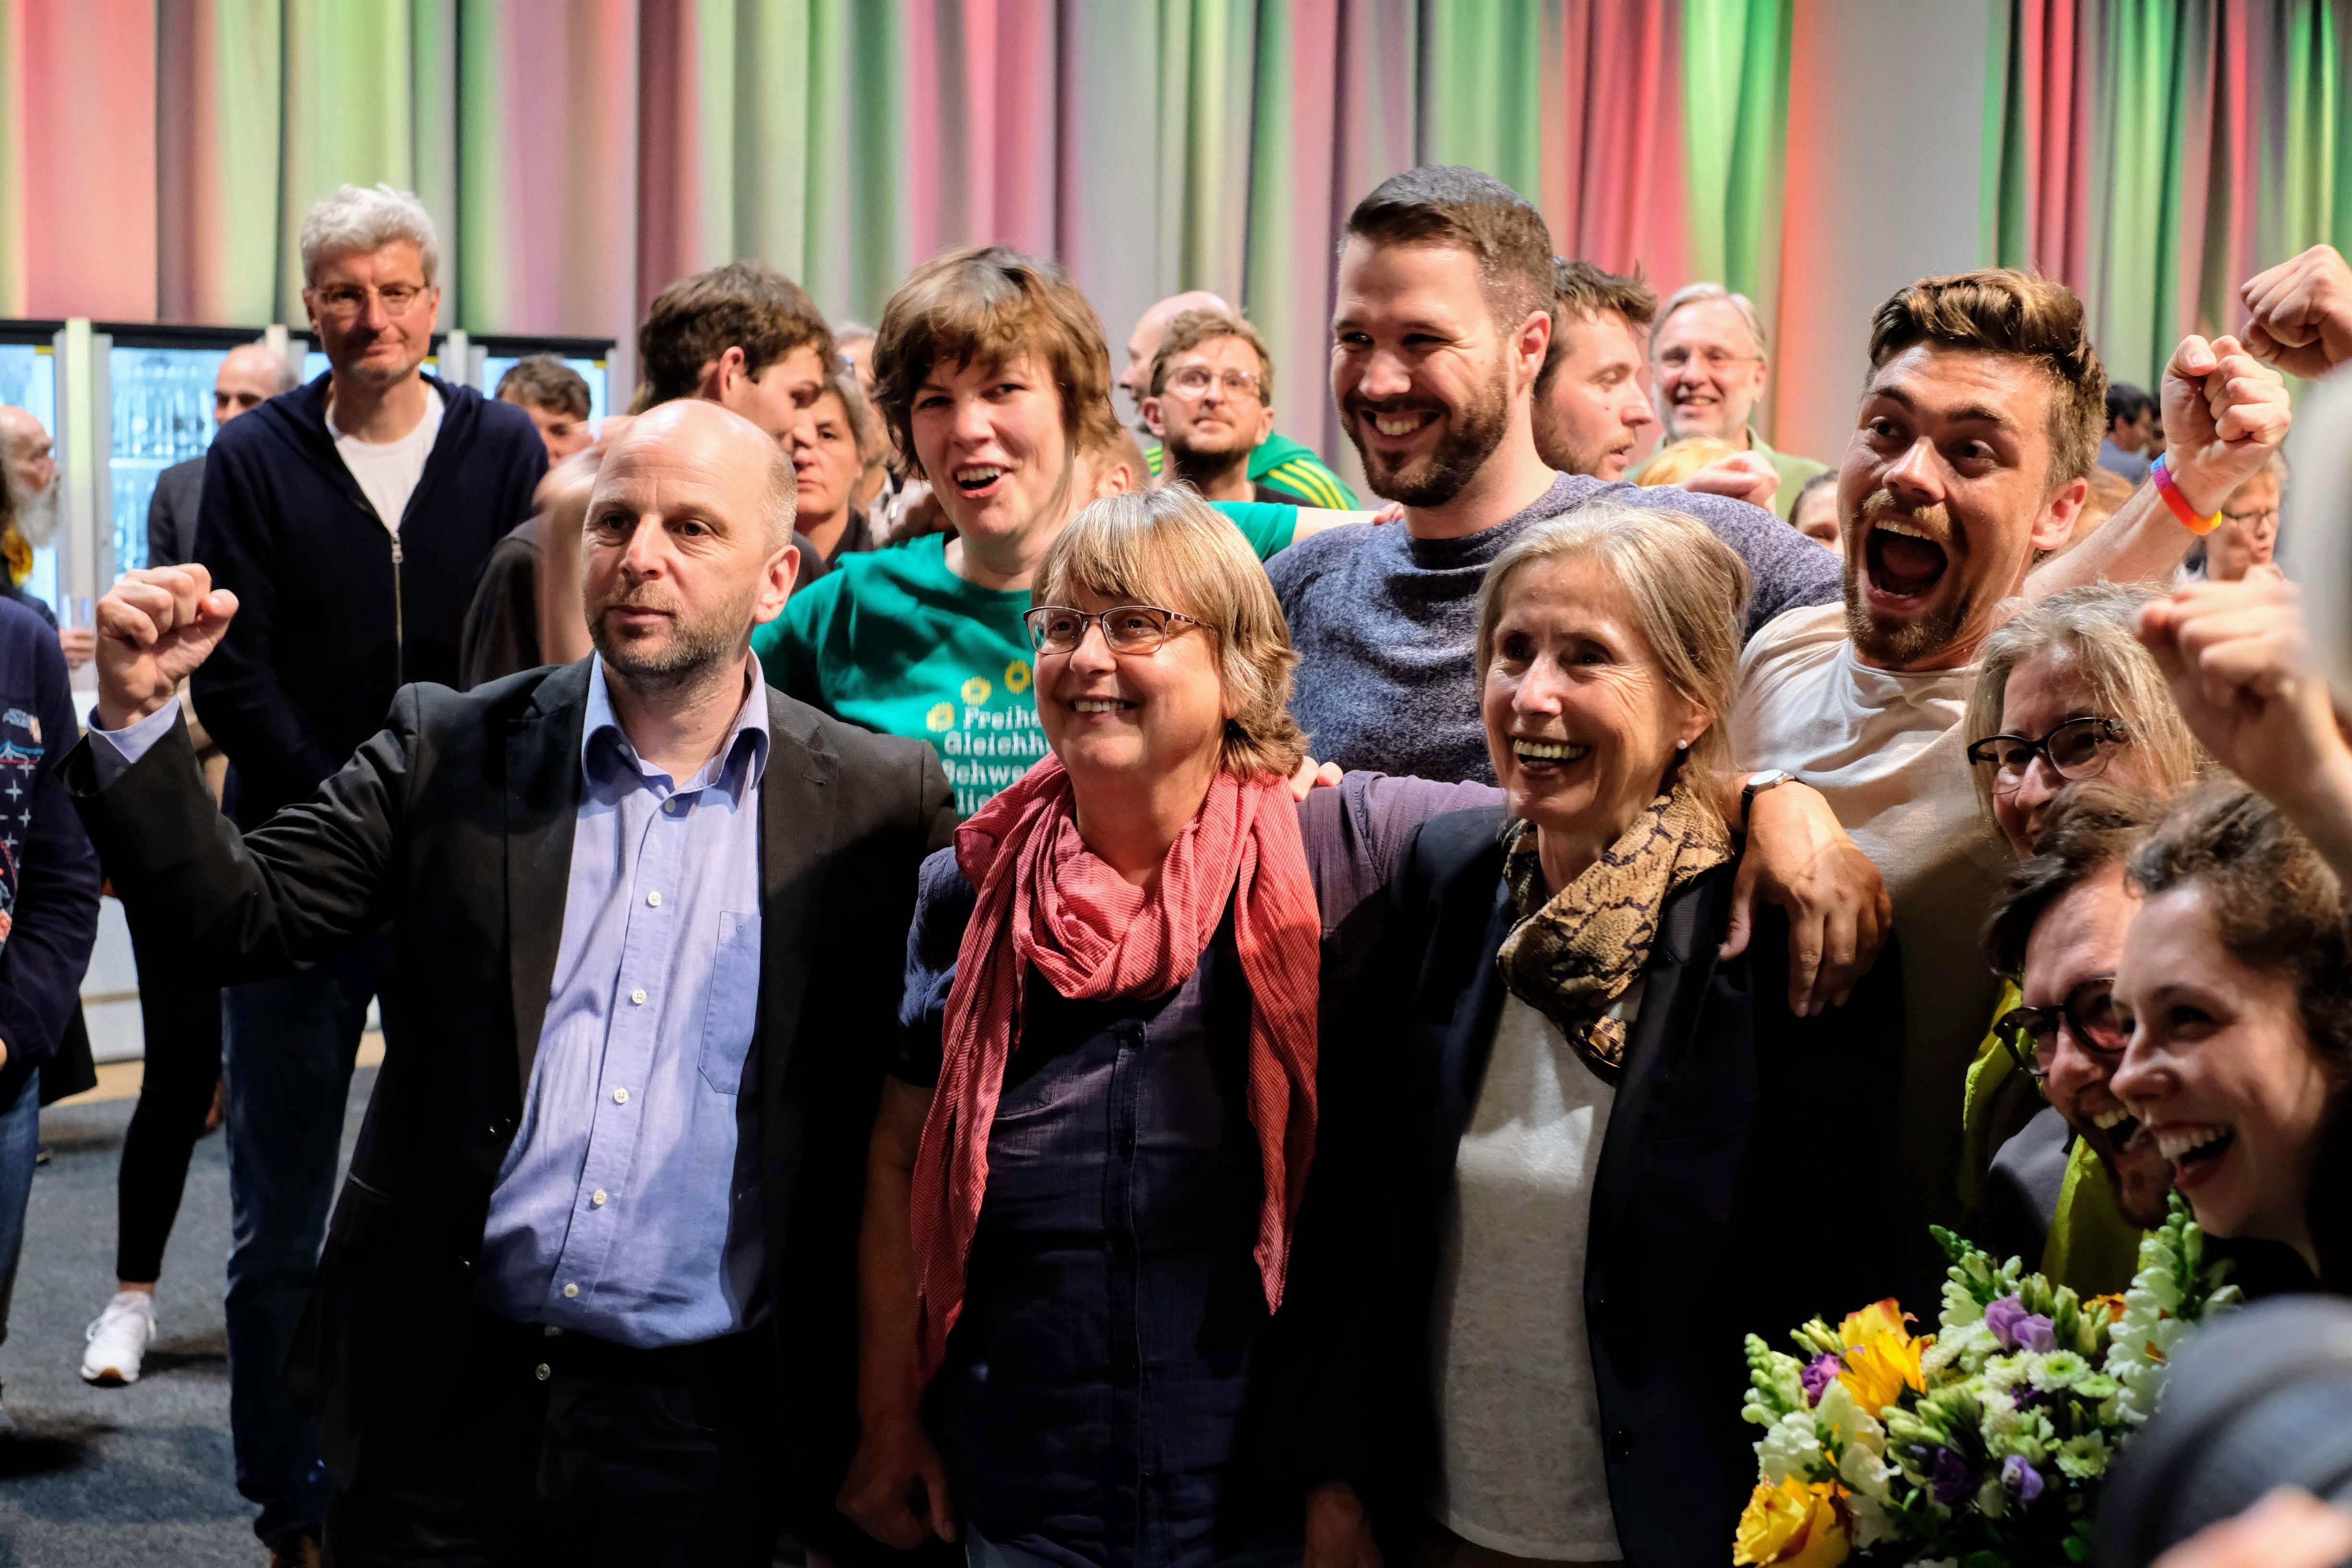 Kommunalwahl 2019 – Ergebnispräsentation in Bildern